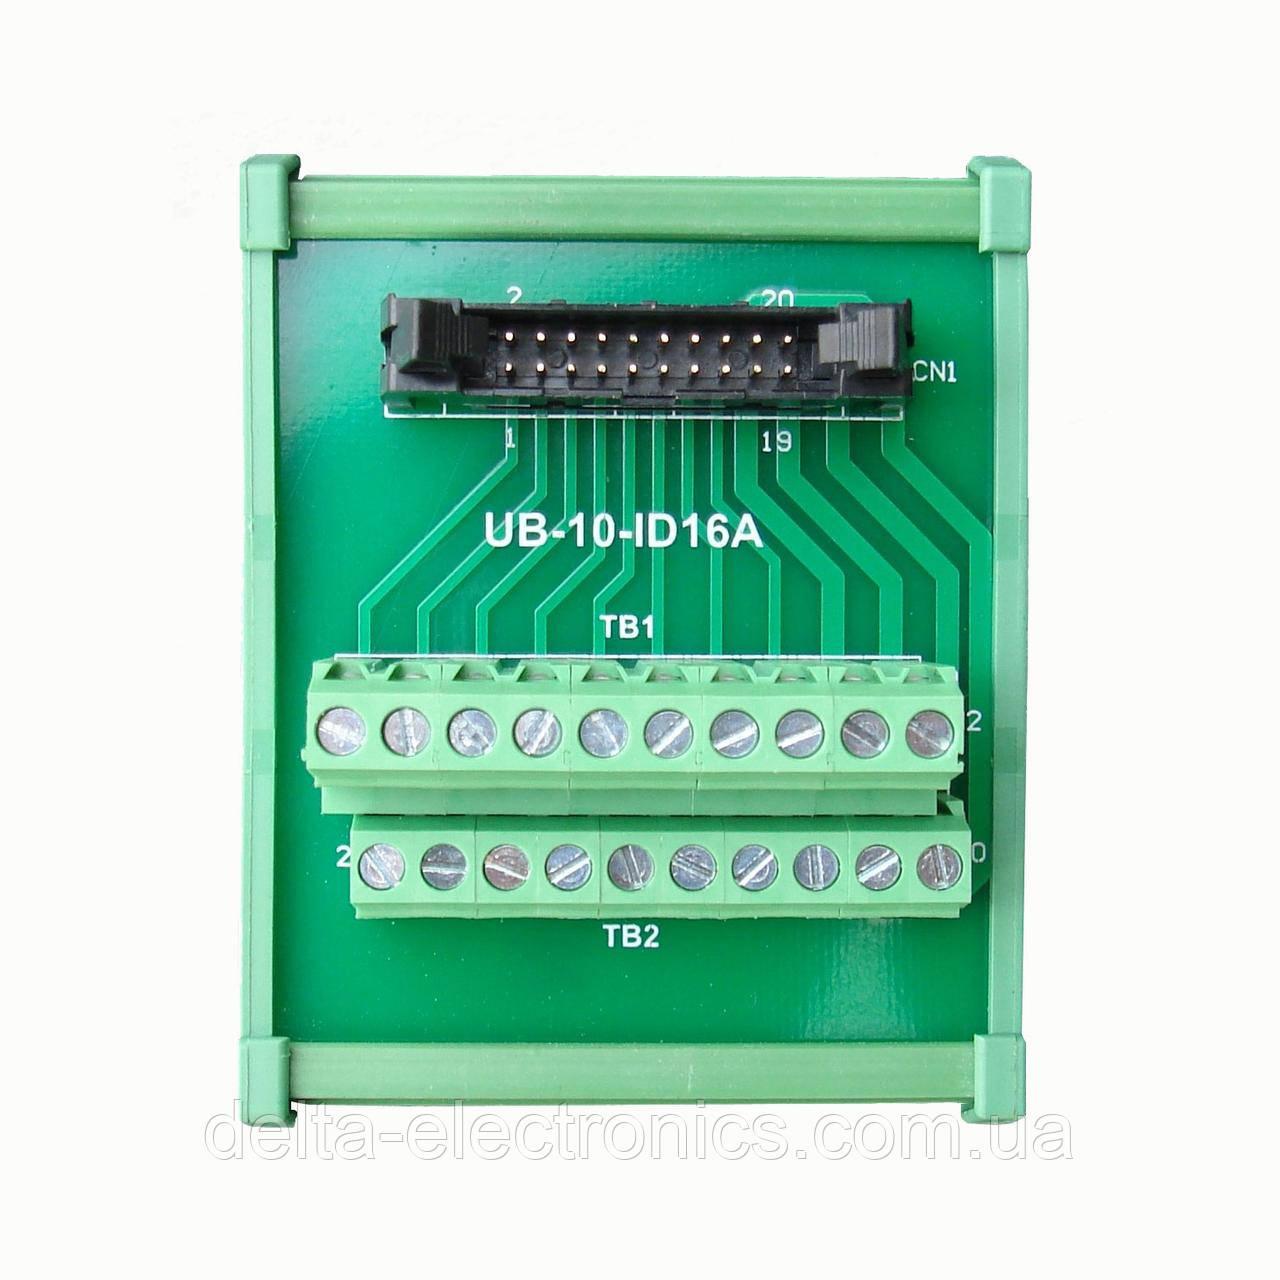 Выносной клеммный модуль дискретных входов/выходов ЦПУ AS200/300